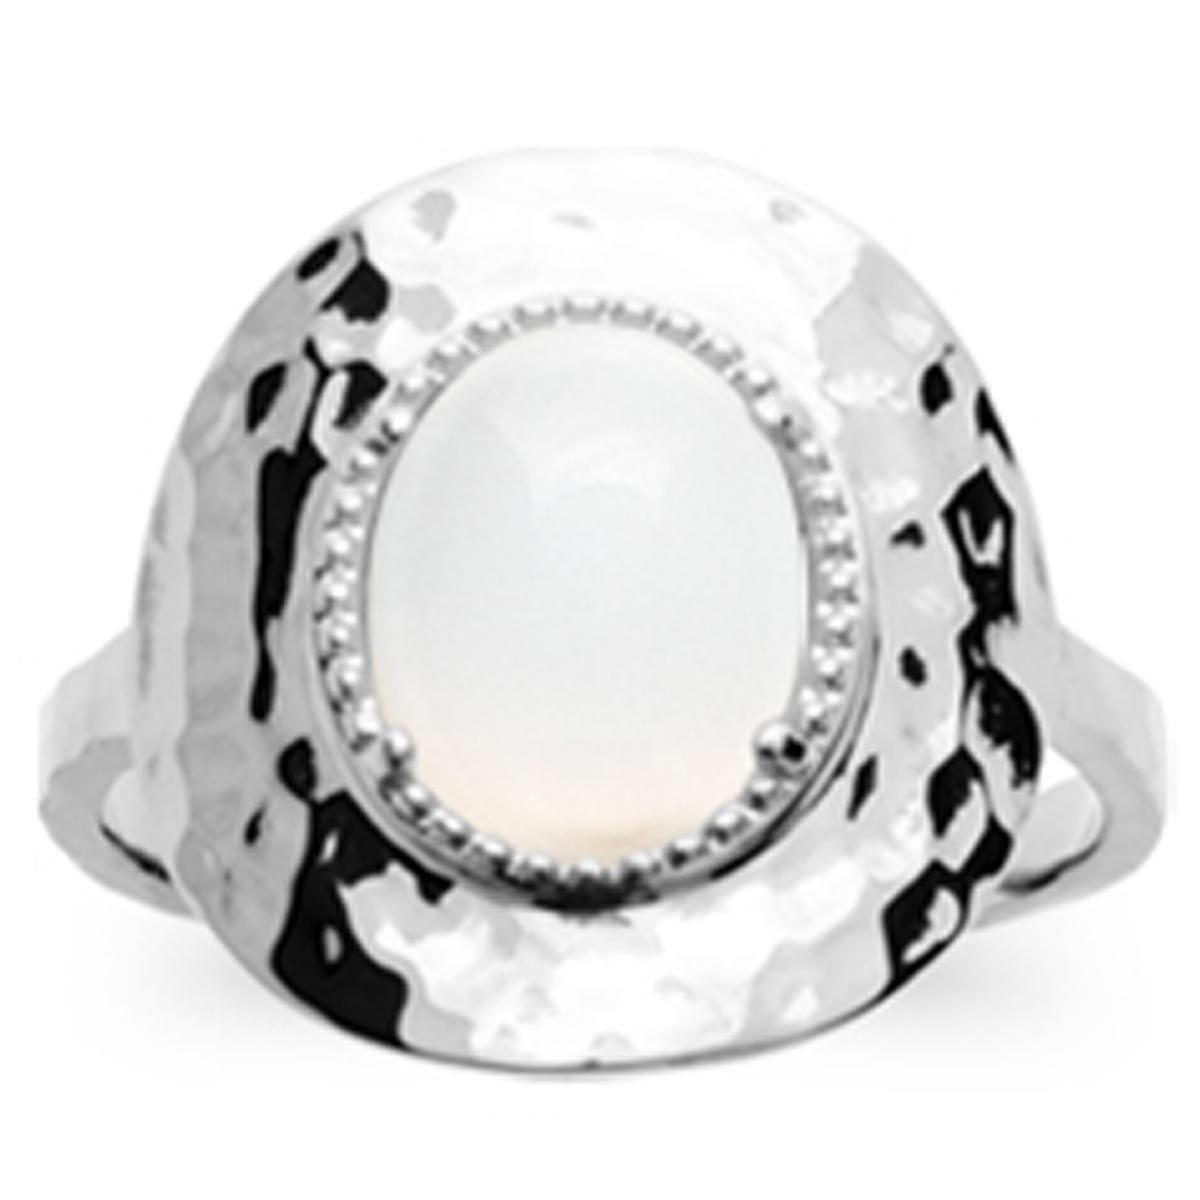 Bague Argent \'Cléopatra\' pierre de lune argenté (rhodié) - 18x17 mm - [Q8422]